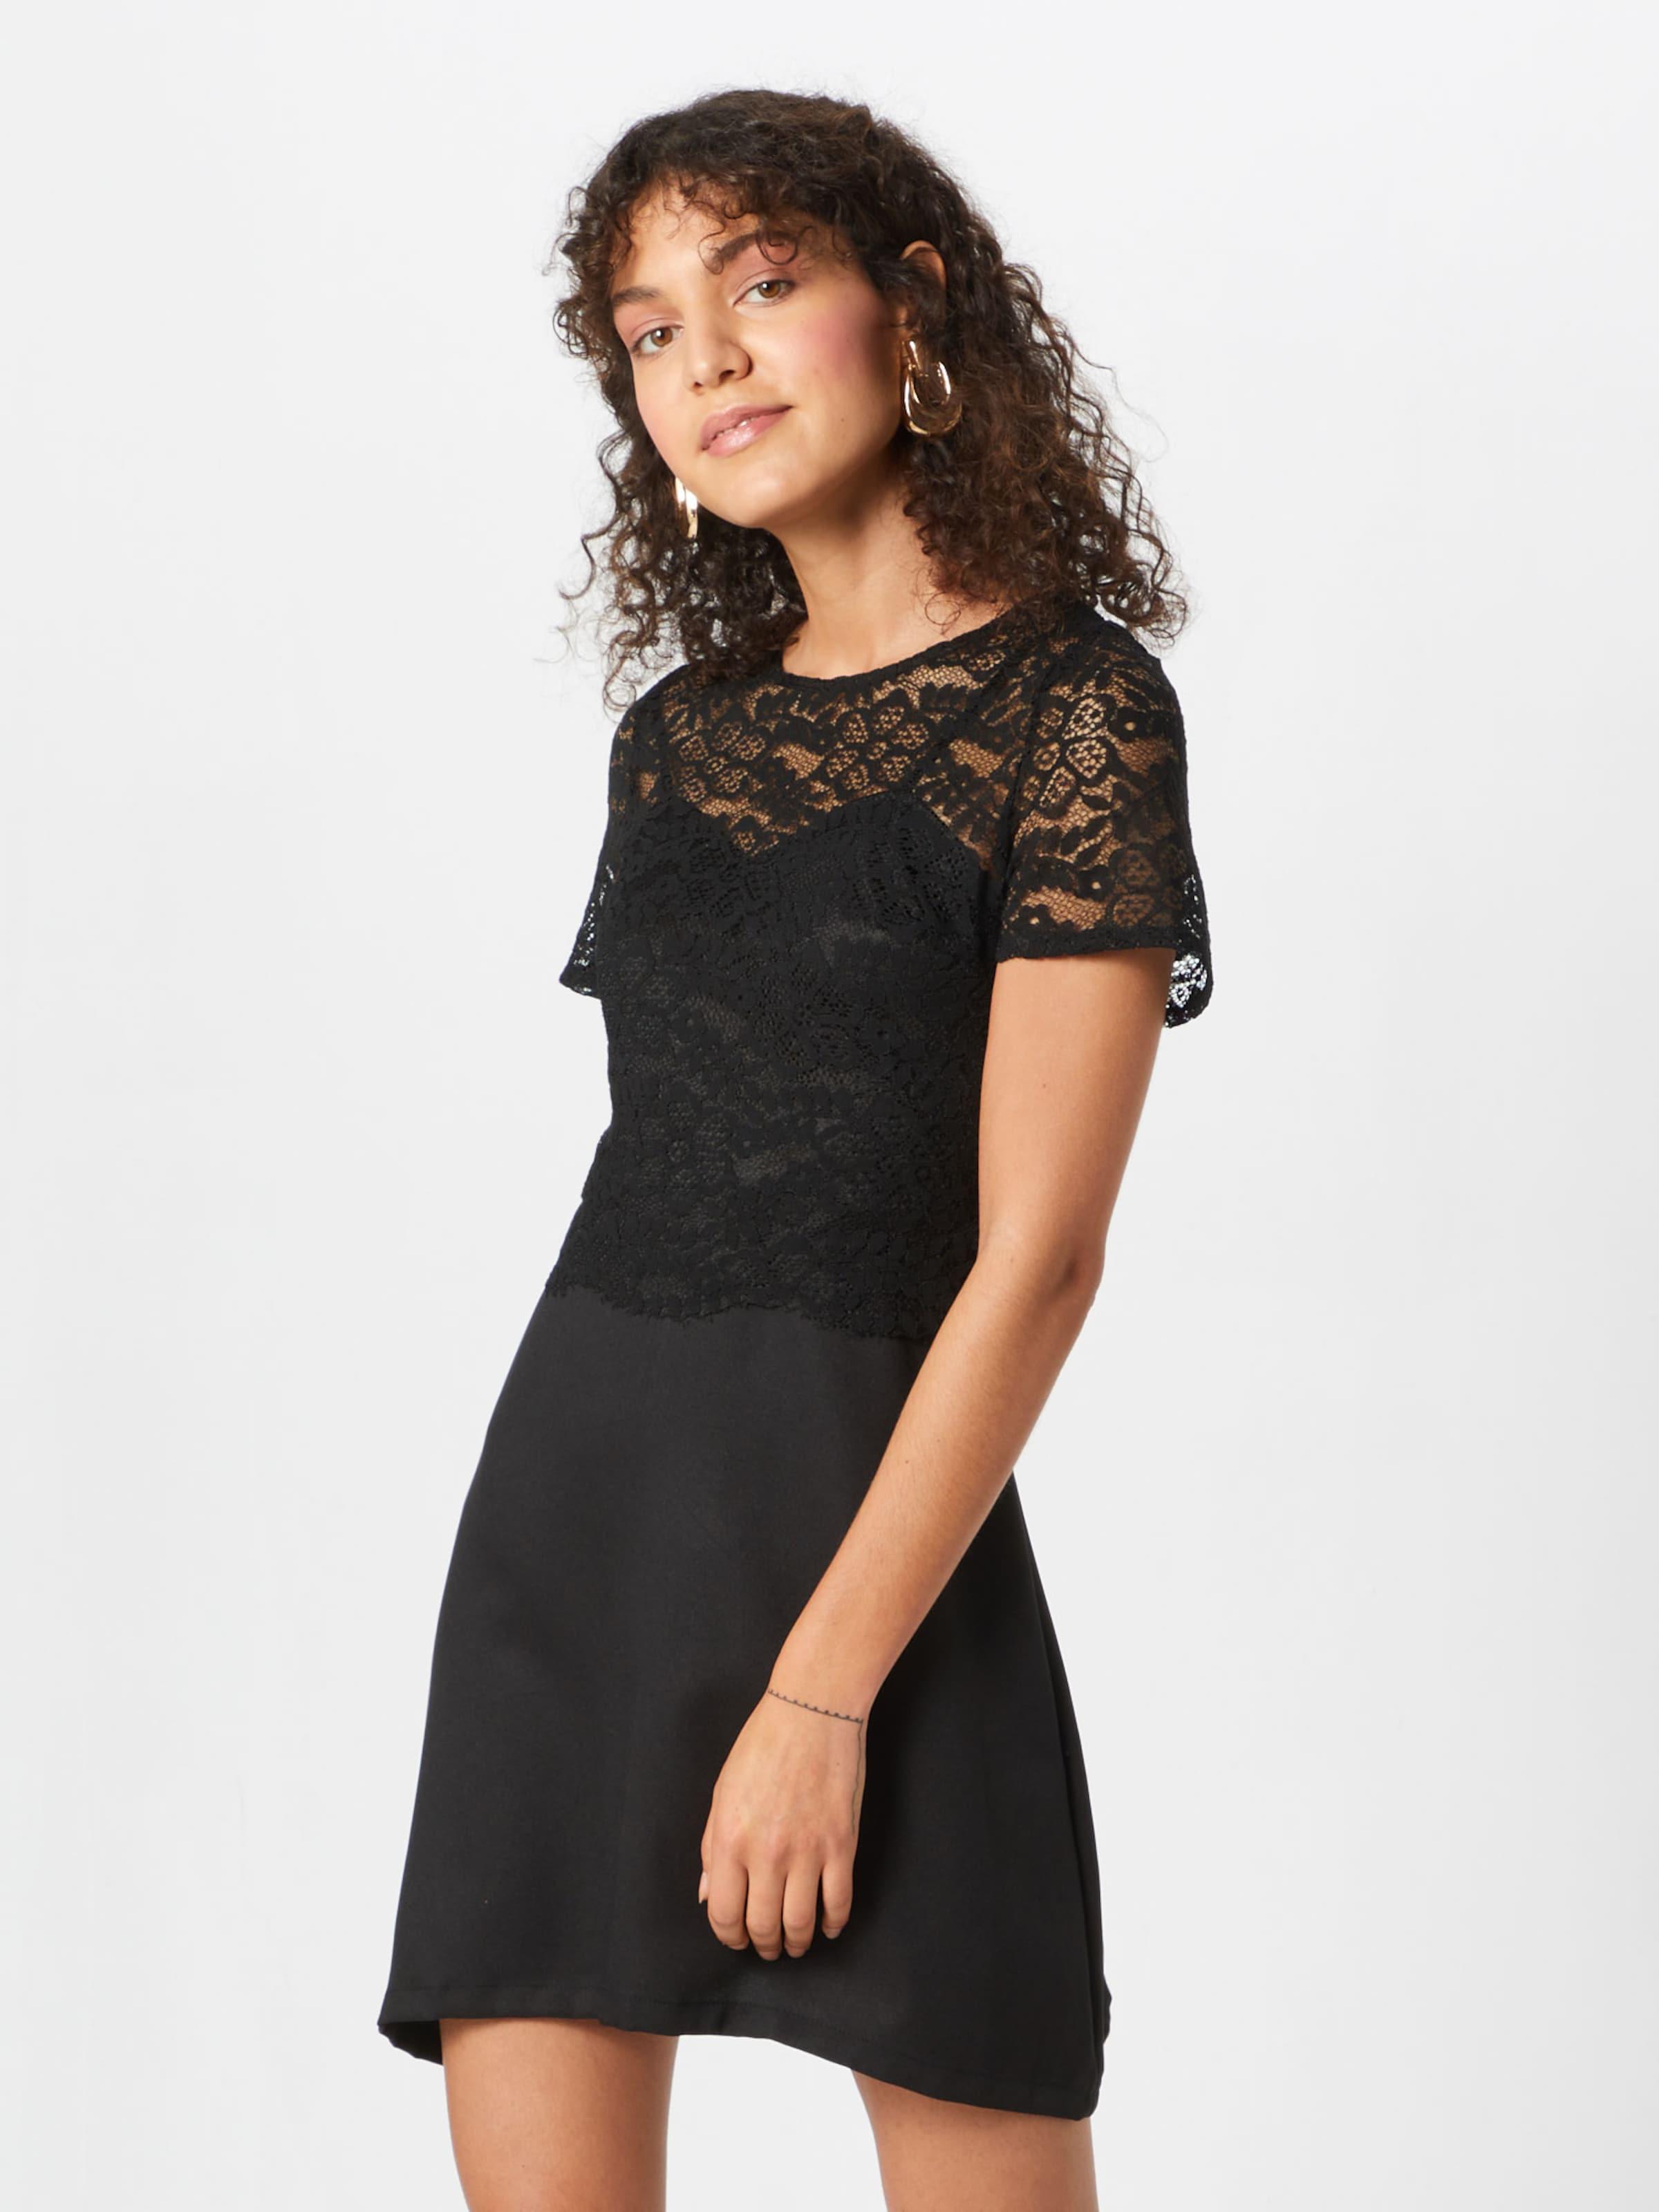 Kleid Missguided Kleid Missguided Schwarz Kleid In In Kleid Schwarz Schwarz In Missguided Missguided FJc1TK3l